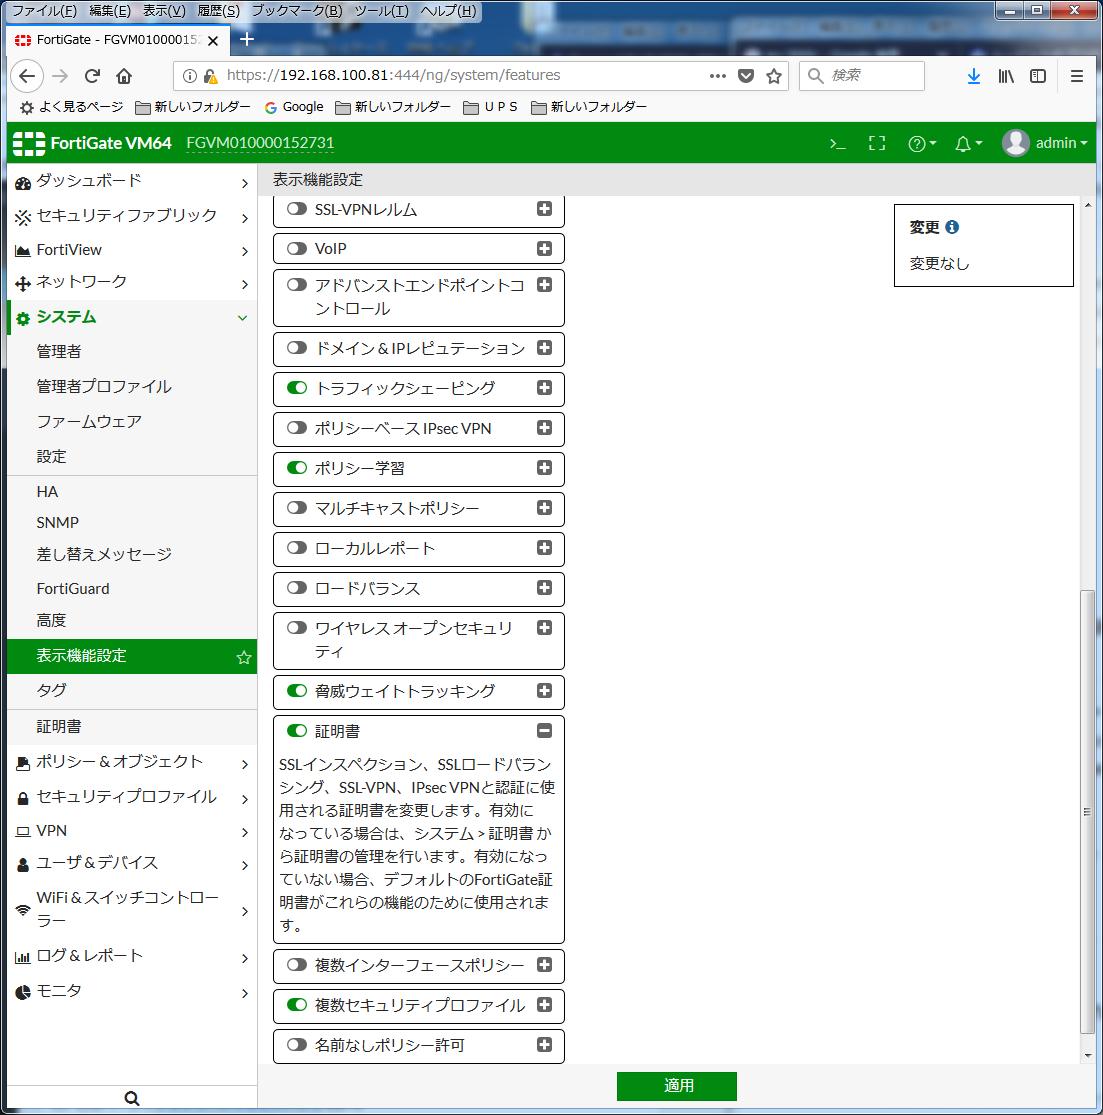 リモートワーク対応 Fortigate でSSL VPN & SSL クライアント認証